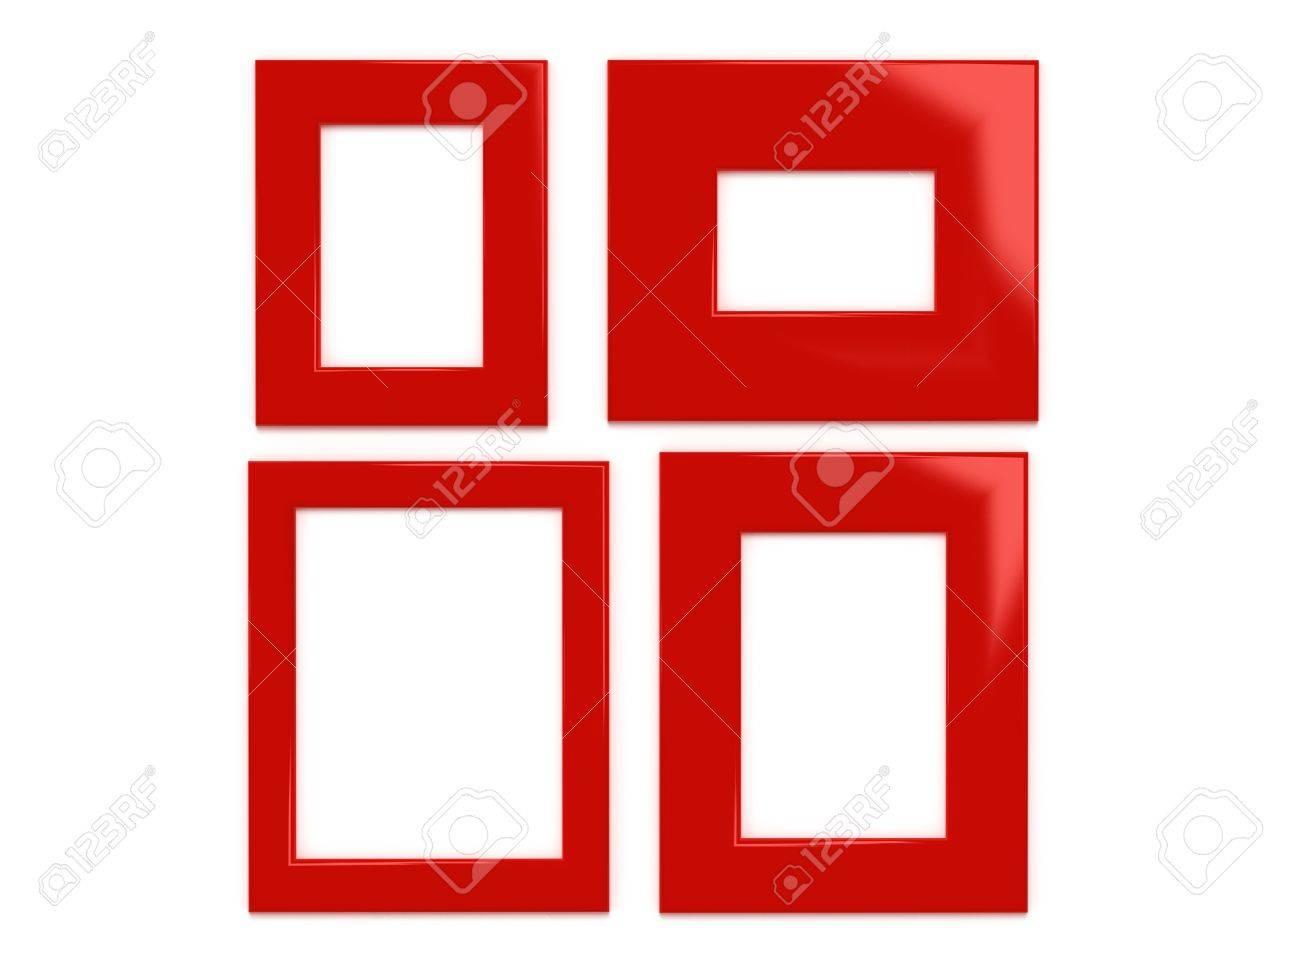 Vier Rote Bilderrahmen Auf Die Weiße Wand - 3d Render Lizenzfreie ...